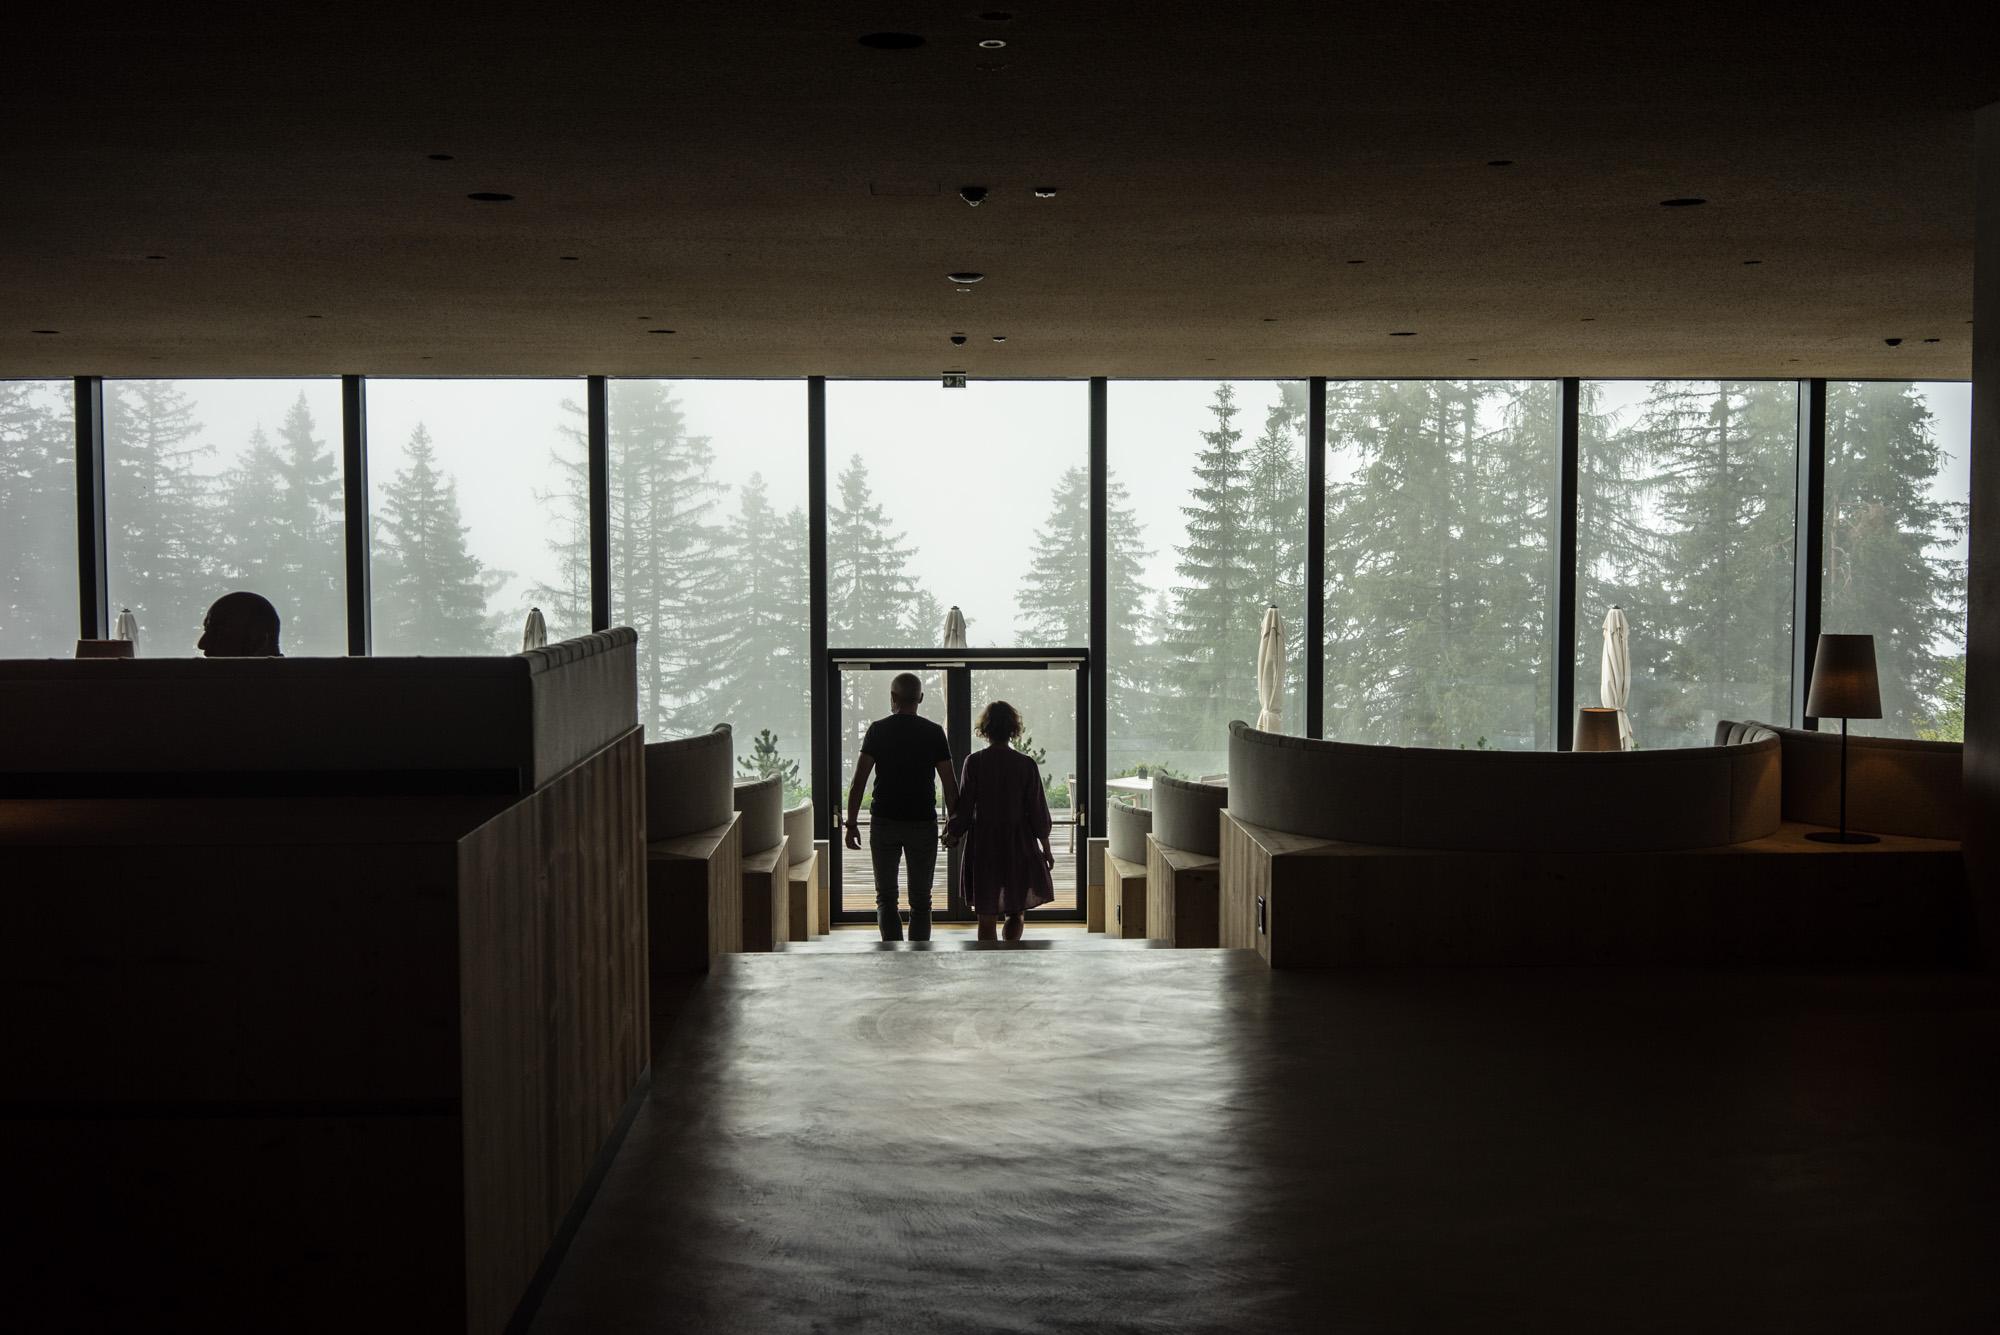 La salle du restaurant s'ouvre elle aussi sur la forêt.